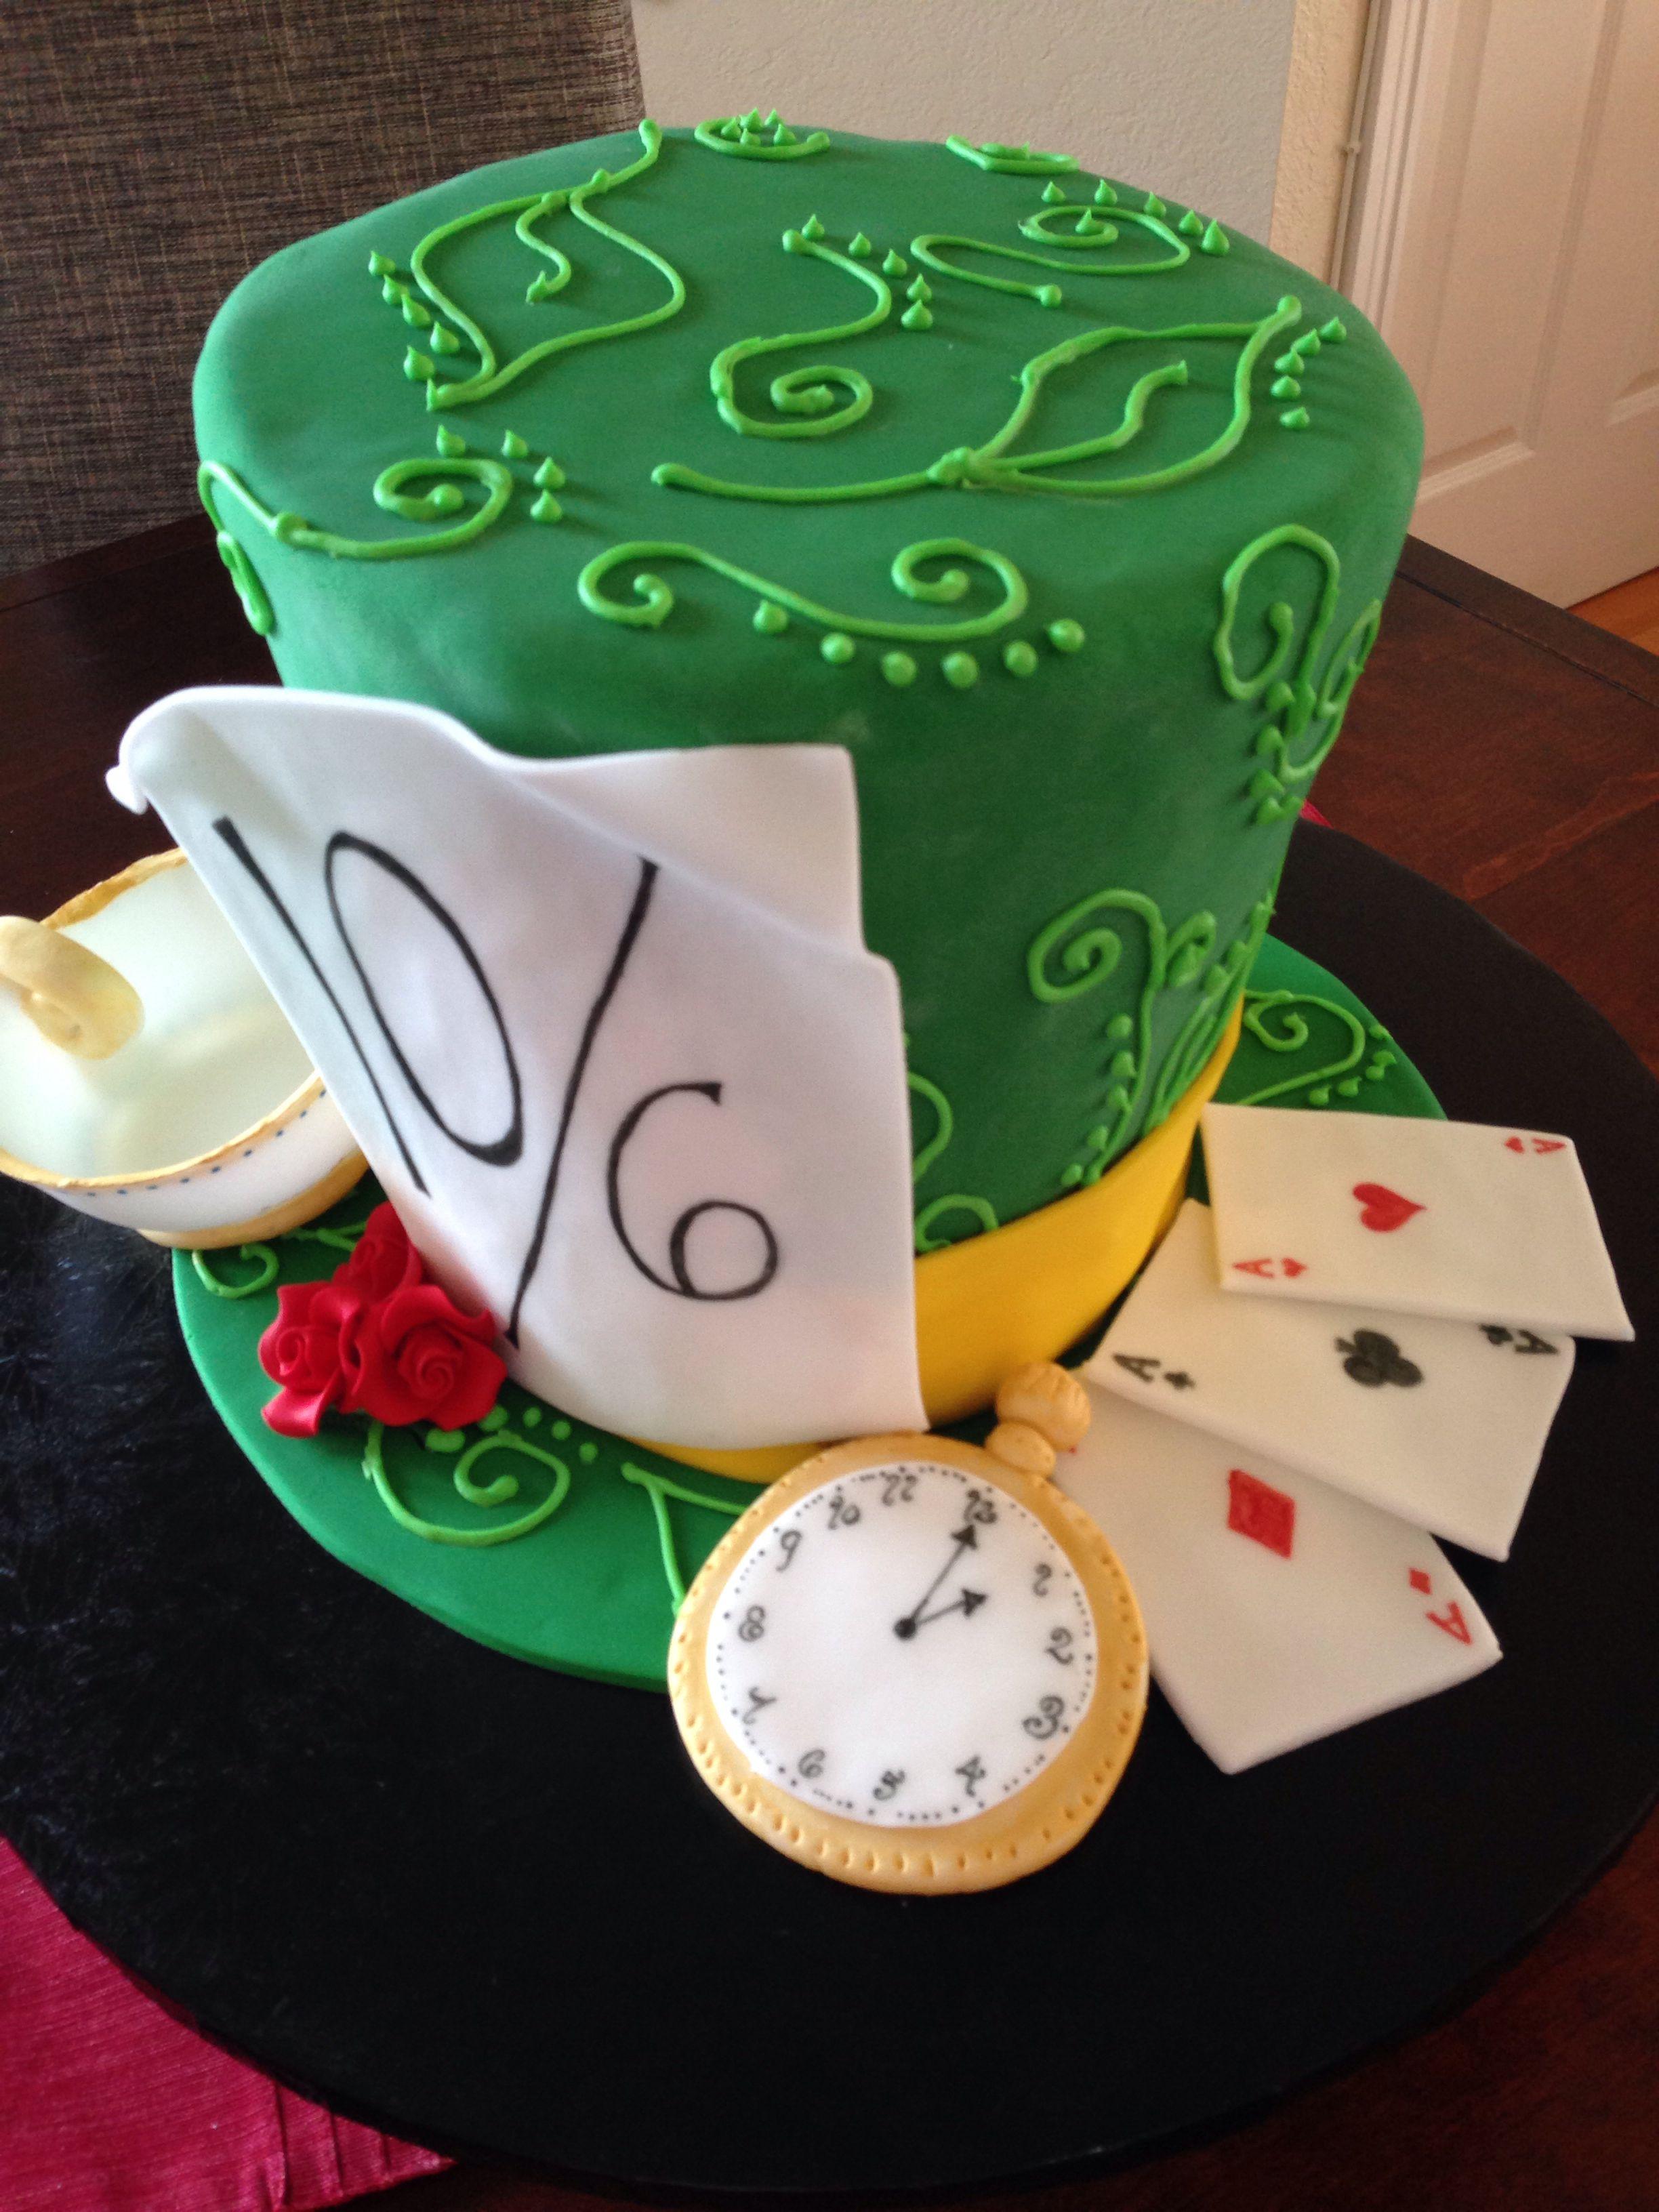 Mad Hatter hat cake wwwtablescapesbydesigncom httpswwwfacebook